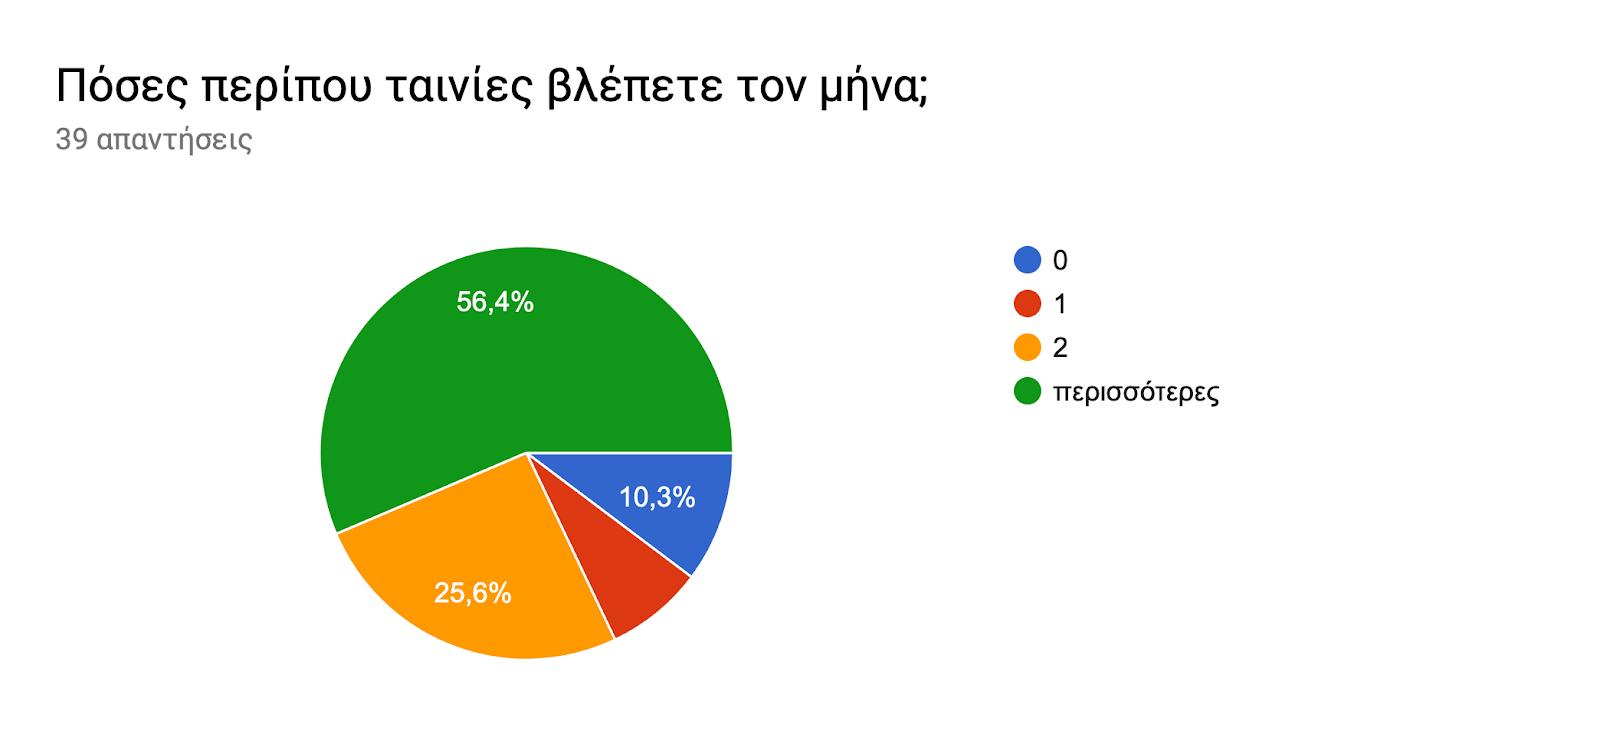 Γράφημα απάντησης φορμών. Τίτλος ερωτήματος: Πόσες περίπου ταινίες βλέπετε τον μήνα;. Αριθμός απαντήσεων: 39 απαντήσεις.